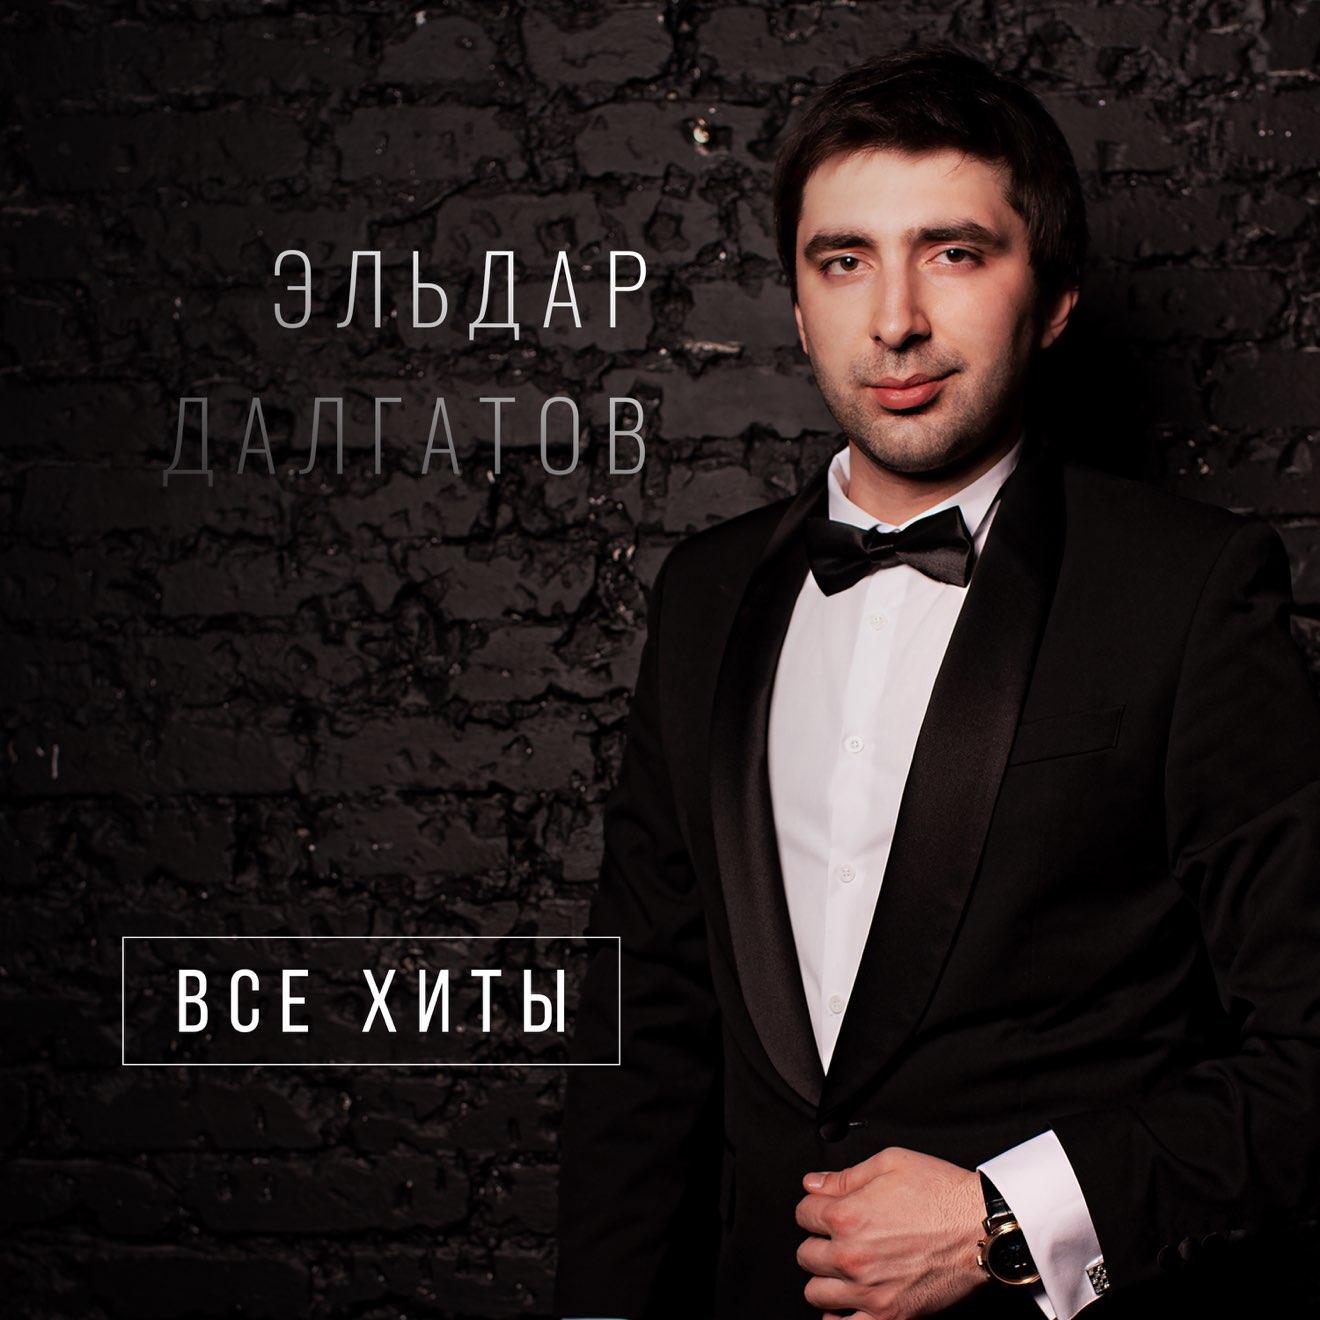 Эльдар Далгатов